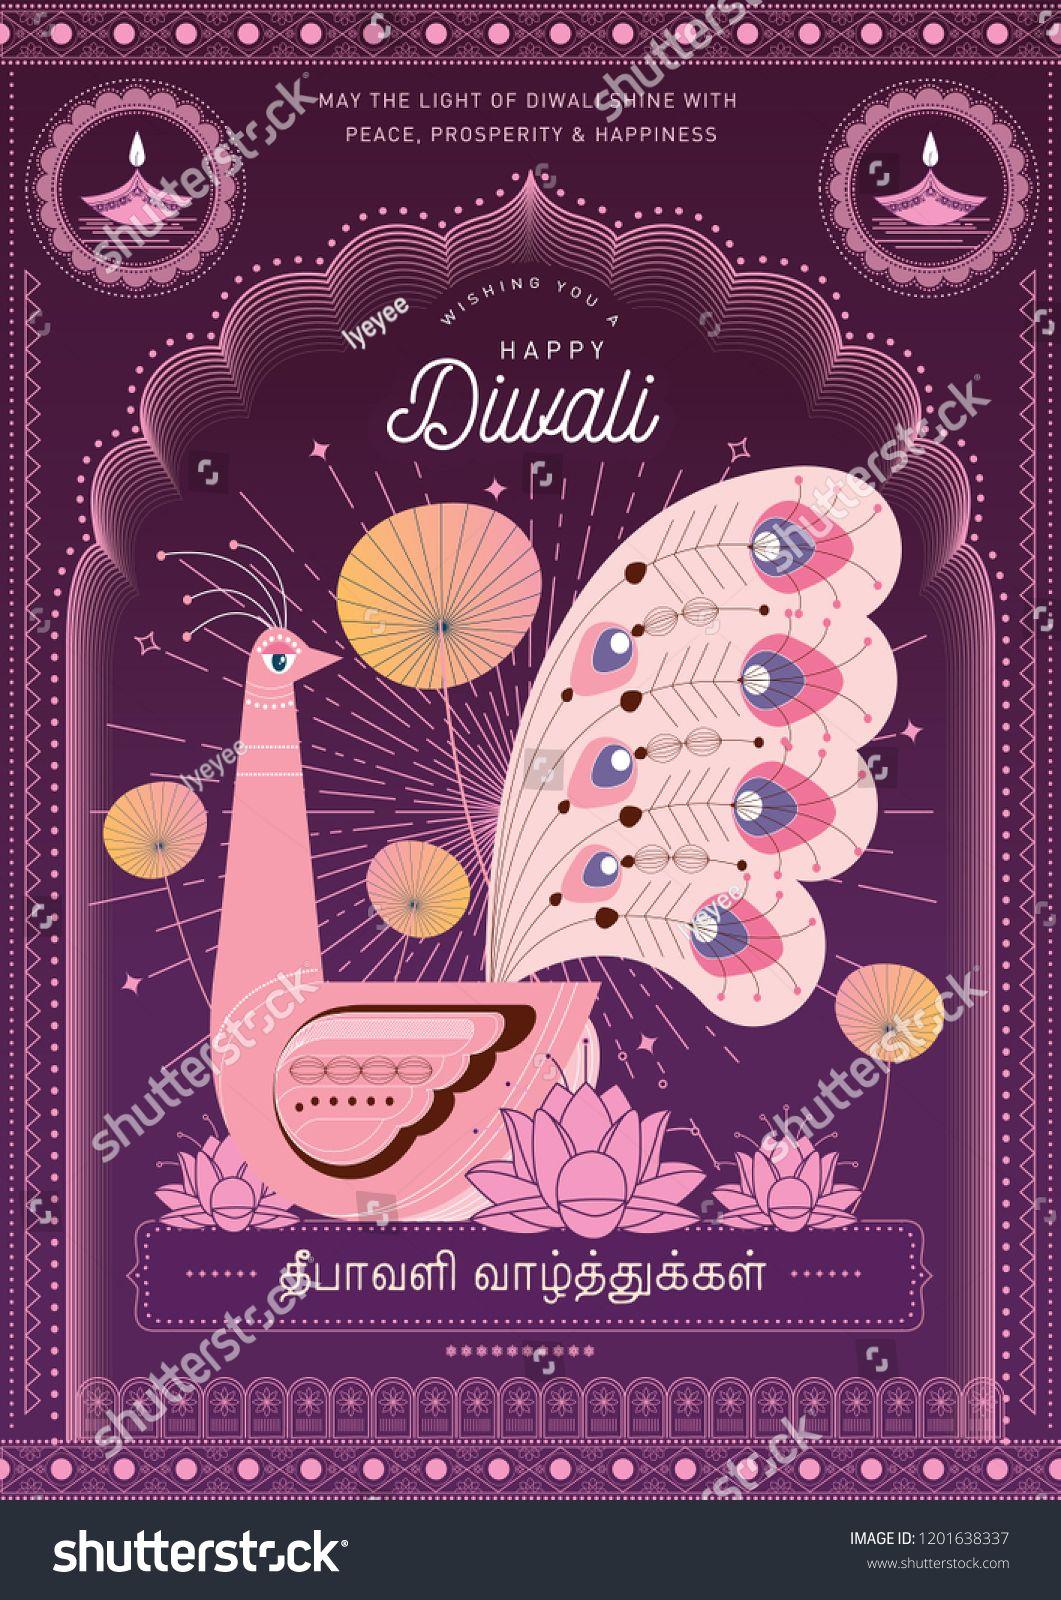 vintage peacock deepavali/diwali greetings template vector